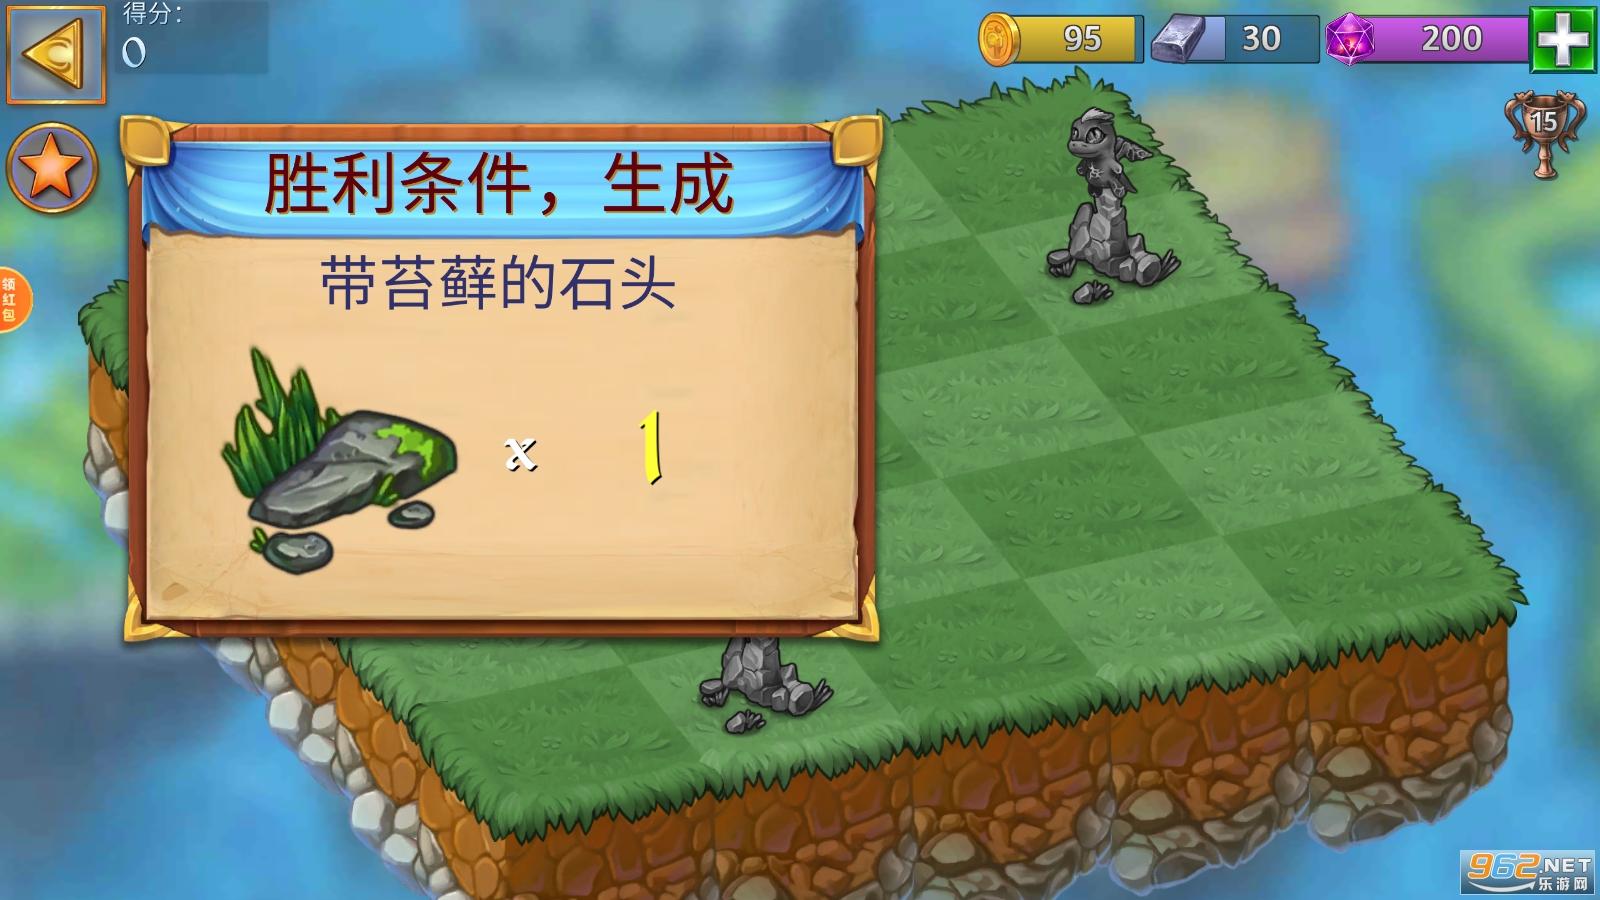 梦幻消消龙游戏v1.0正式版截图1